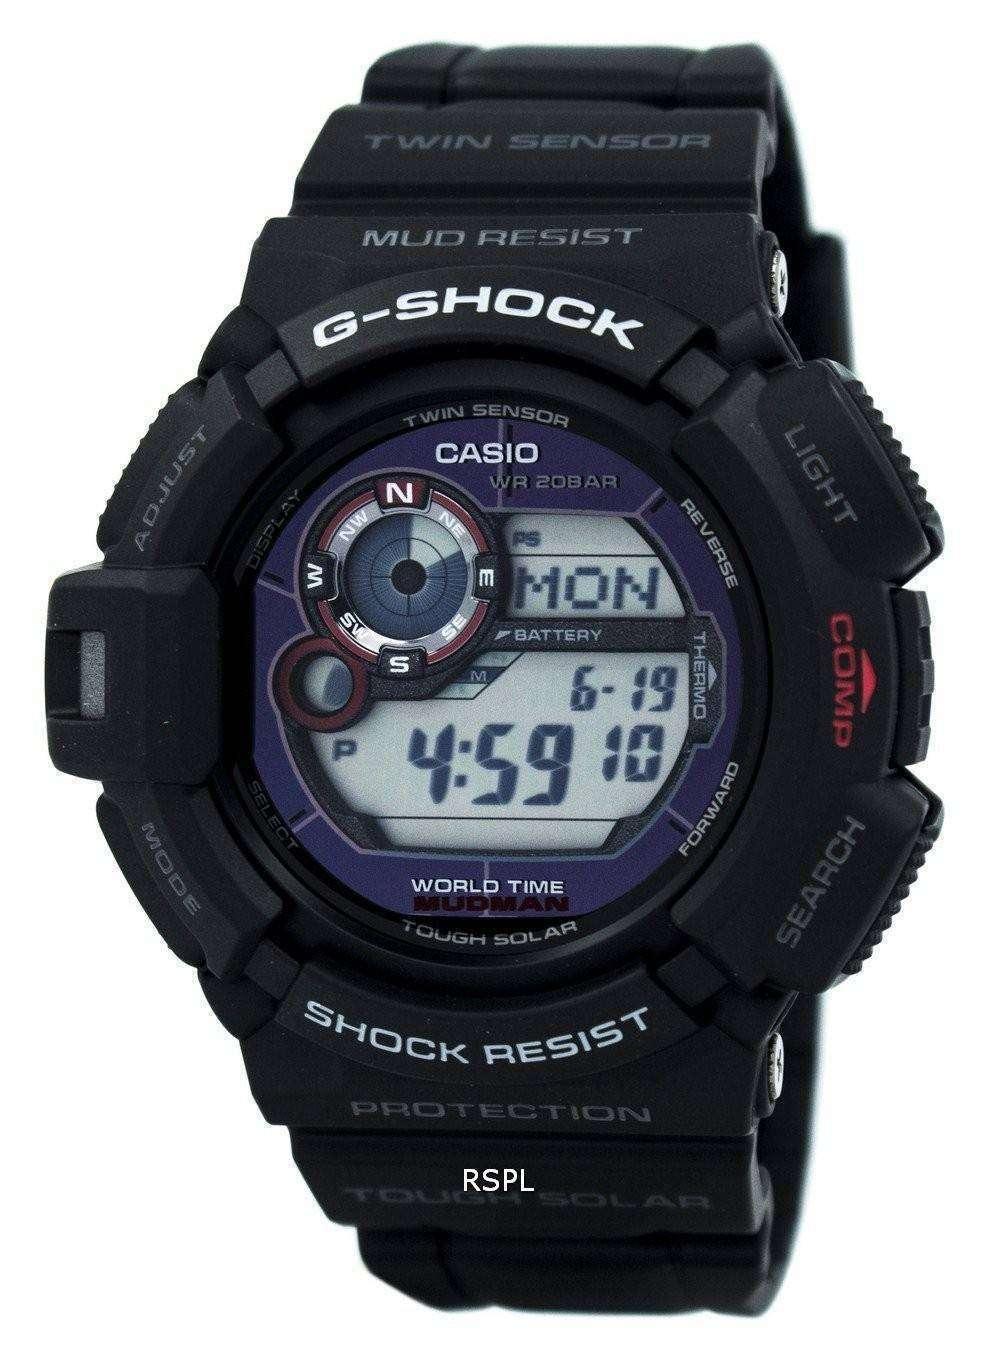 Casio G-Shock Mudman G-9300-1D Mens Watch - CityWatches.co.uk